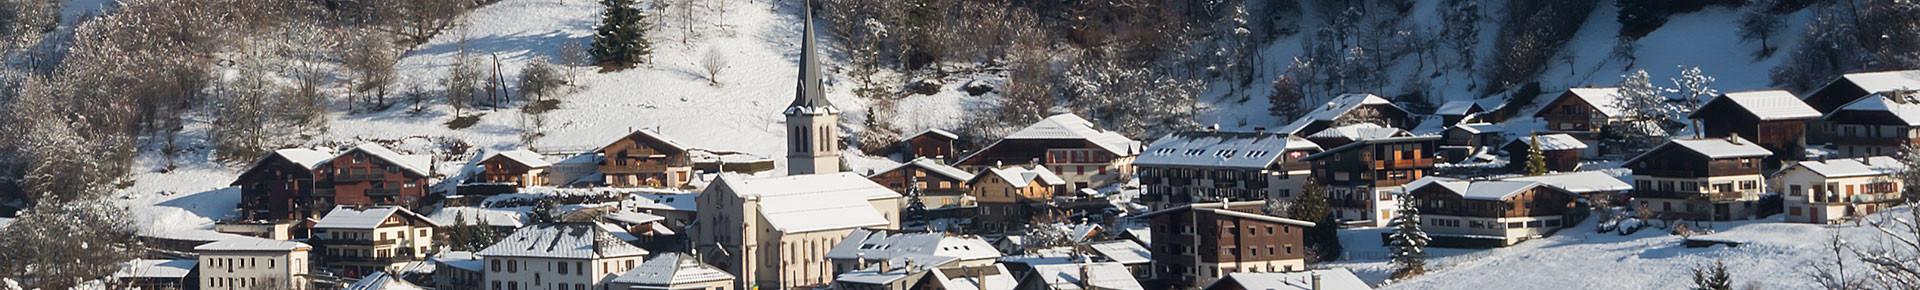 Le village de Saint Jean d'Aulps en hiver